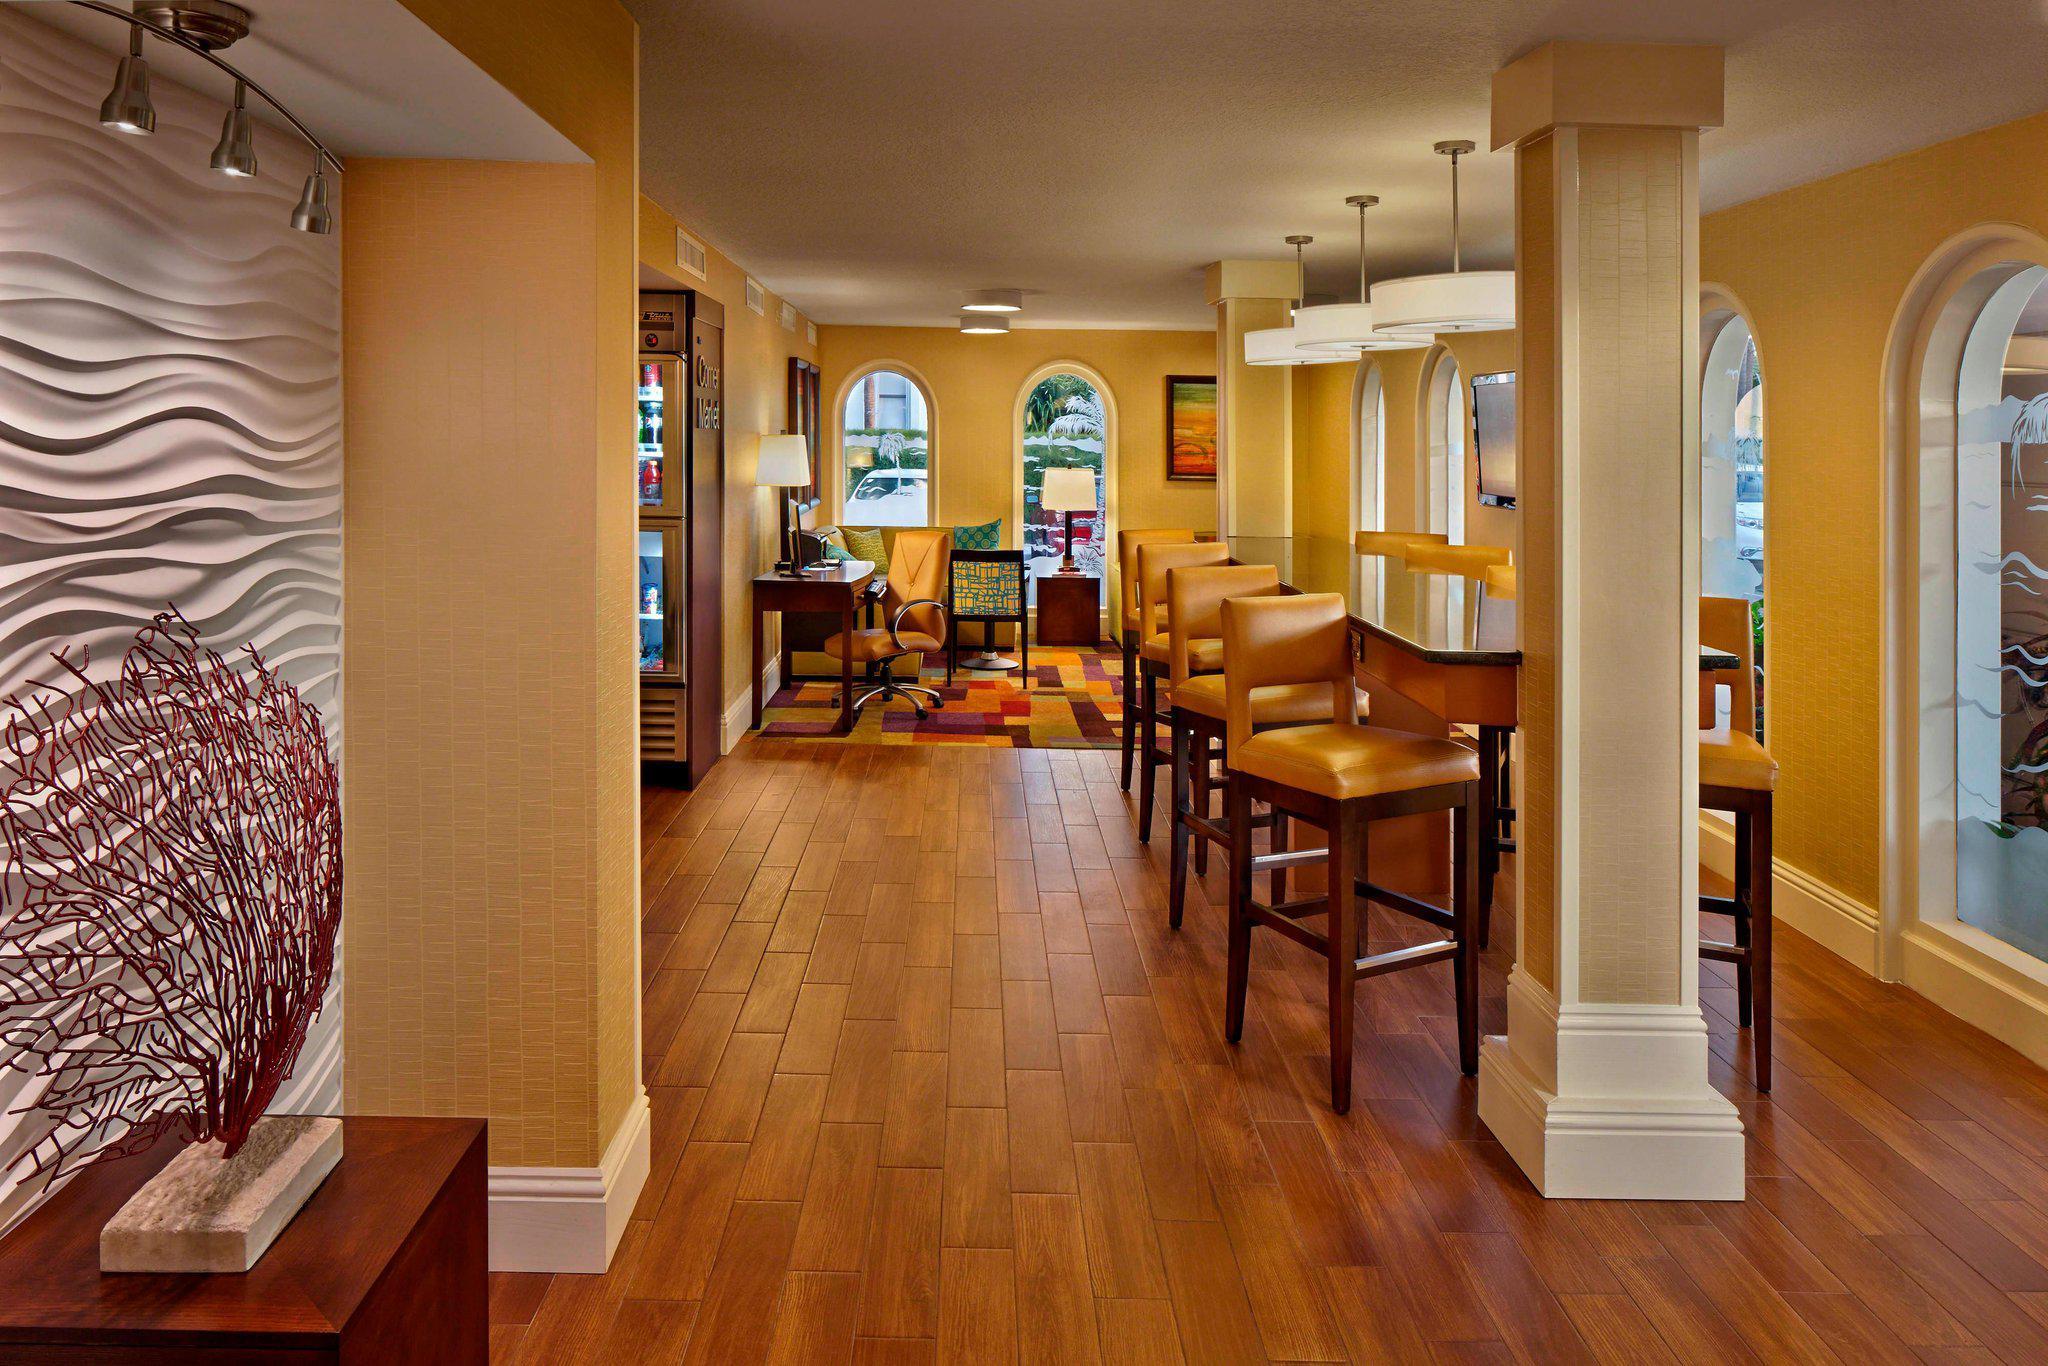 Fairfield Inn & Suites by Marriott Palm Beach